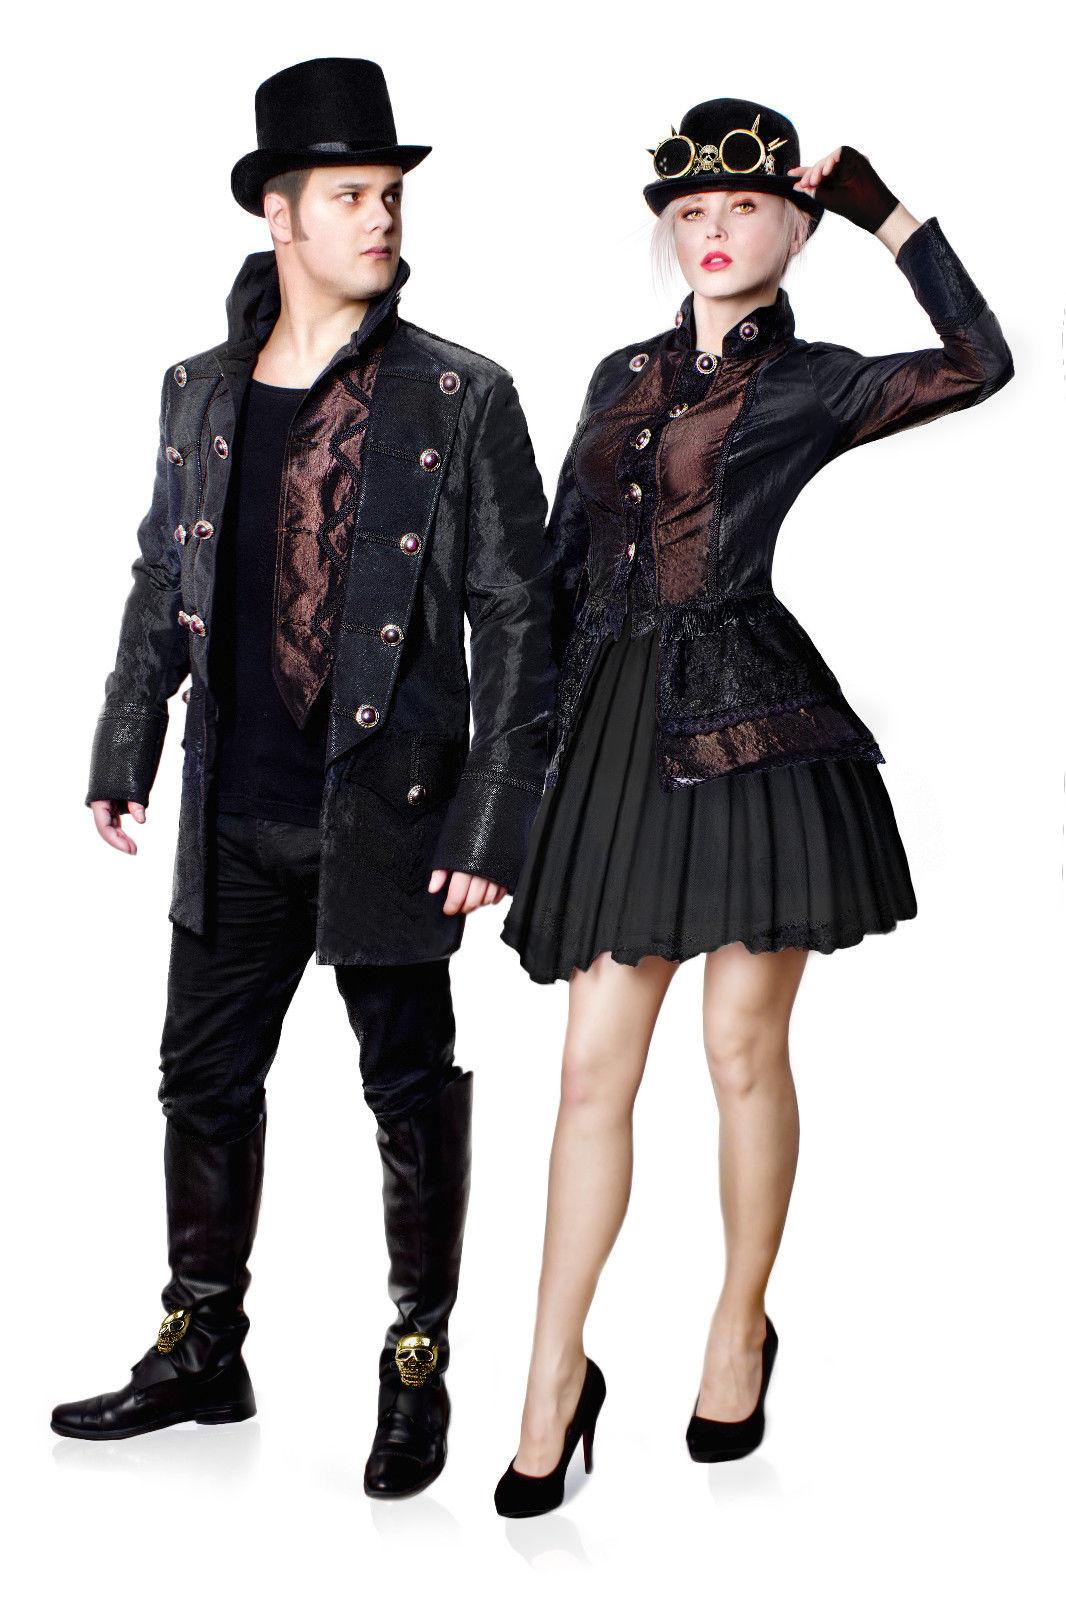 steampunk jacke hochwertige gothic kost m k ln karneval. Black Bedroom Furniture Sets. Home Design Ideas